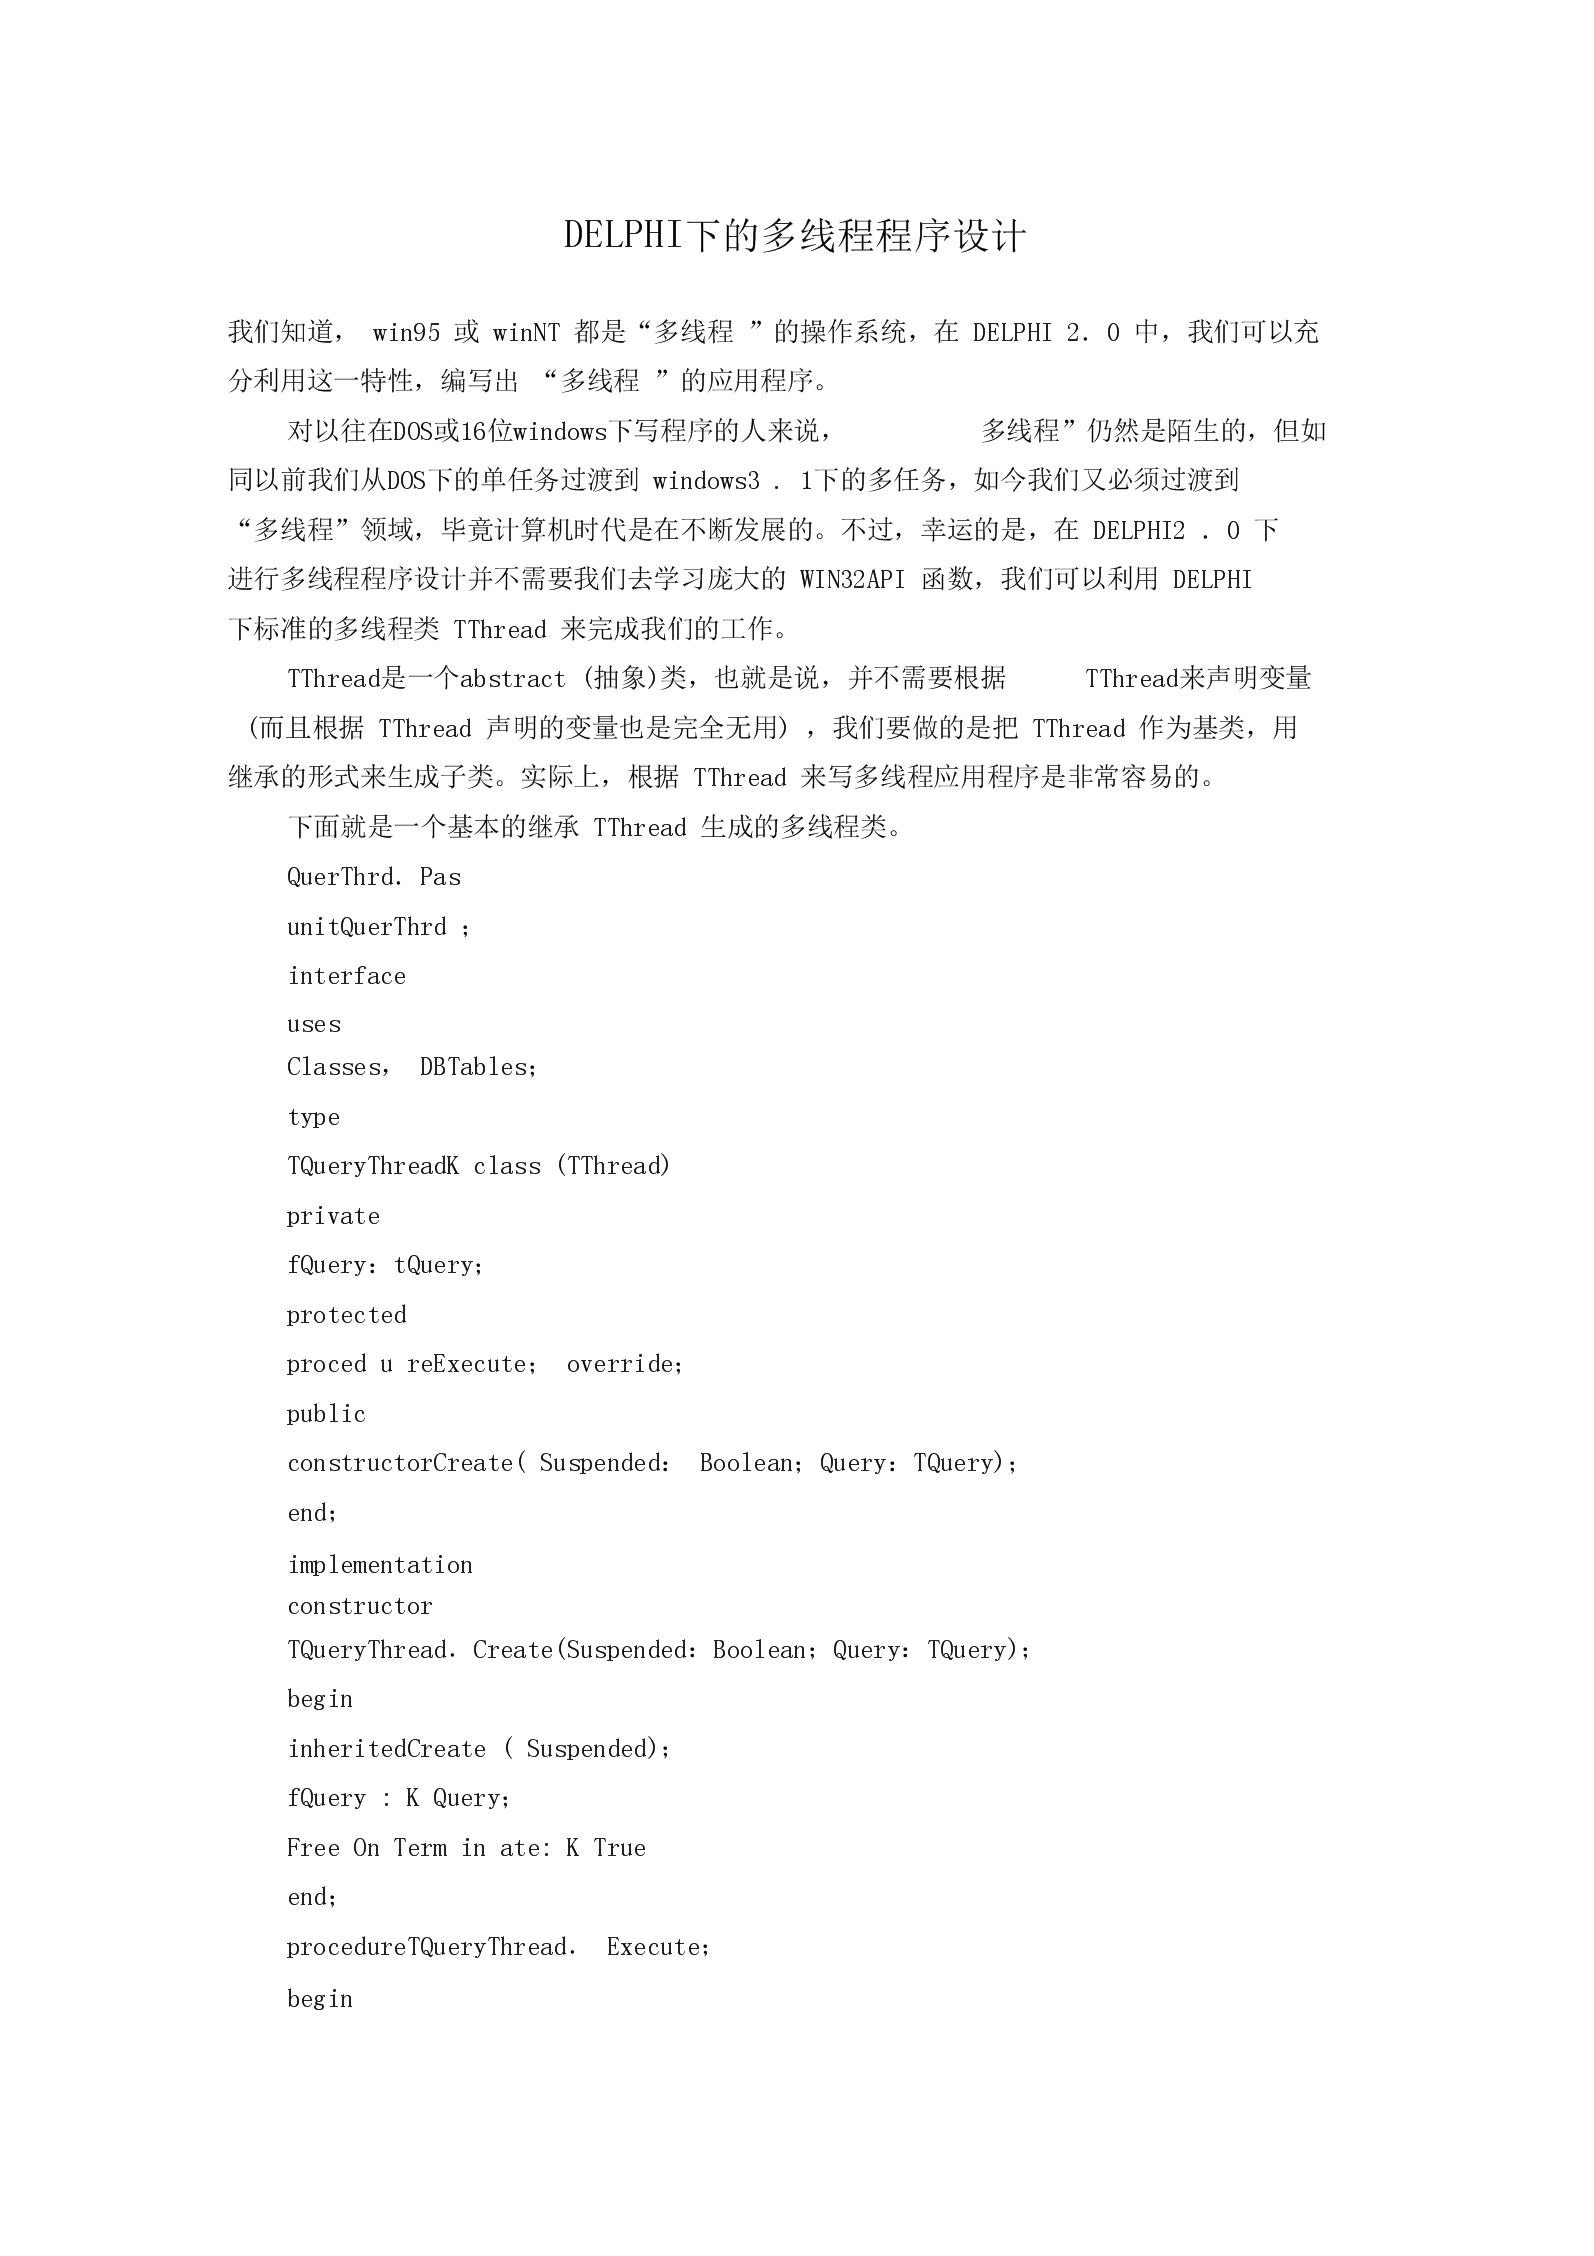 DELPHI下的多线程程序设计.docx